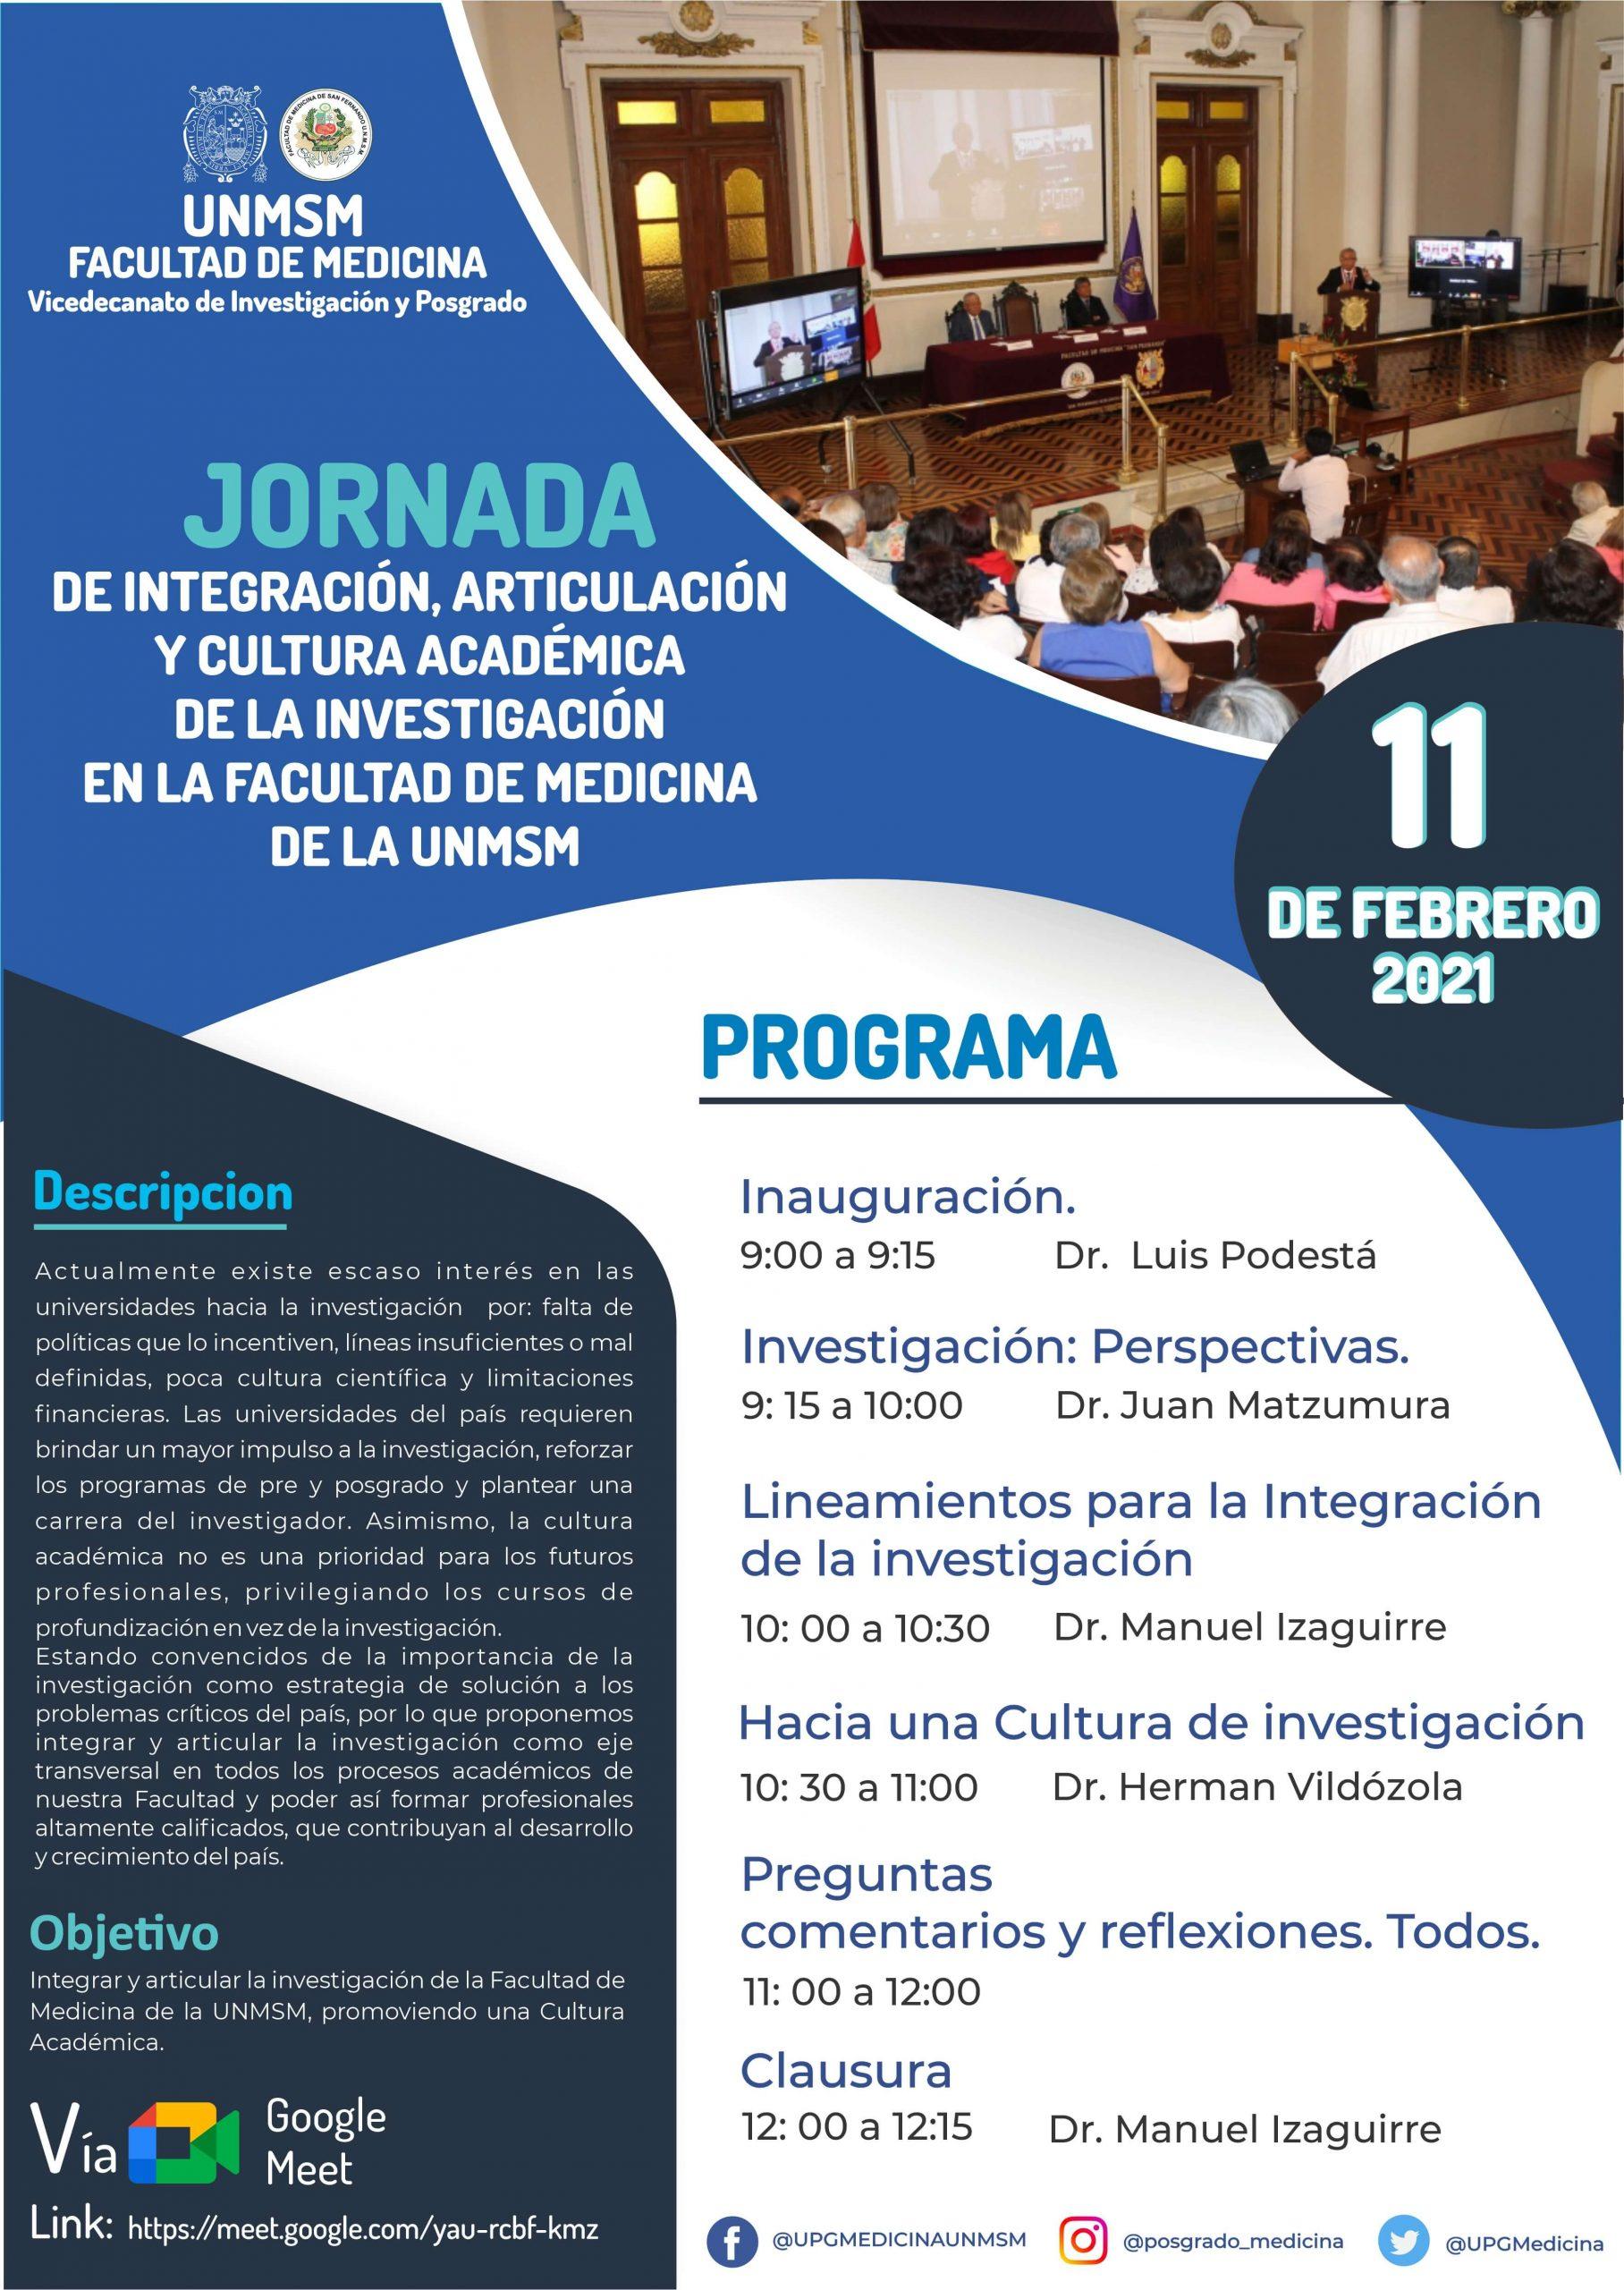 JORNADA DE INTEGRACIÓN, ARTICULACIÓN Y CULTURA ACADÉMICA DE LA INVESTIGACIÓN EN LA FACULTAD DE MEDICINA DE LA UNMSM